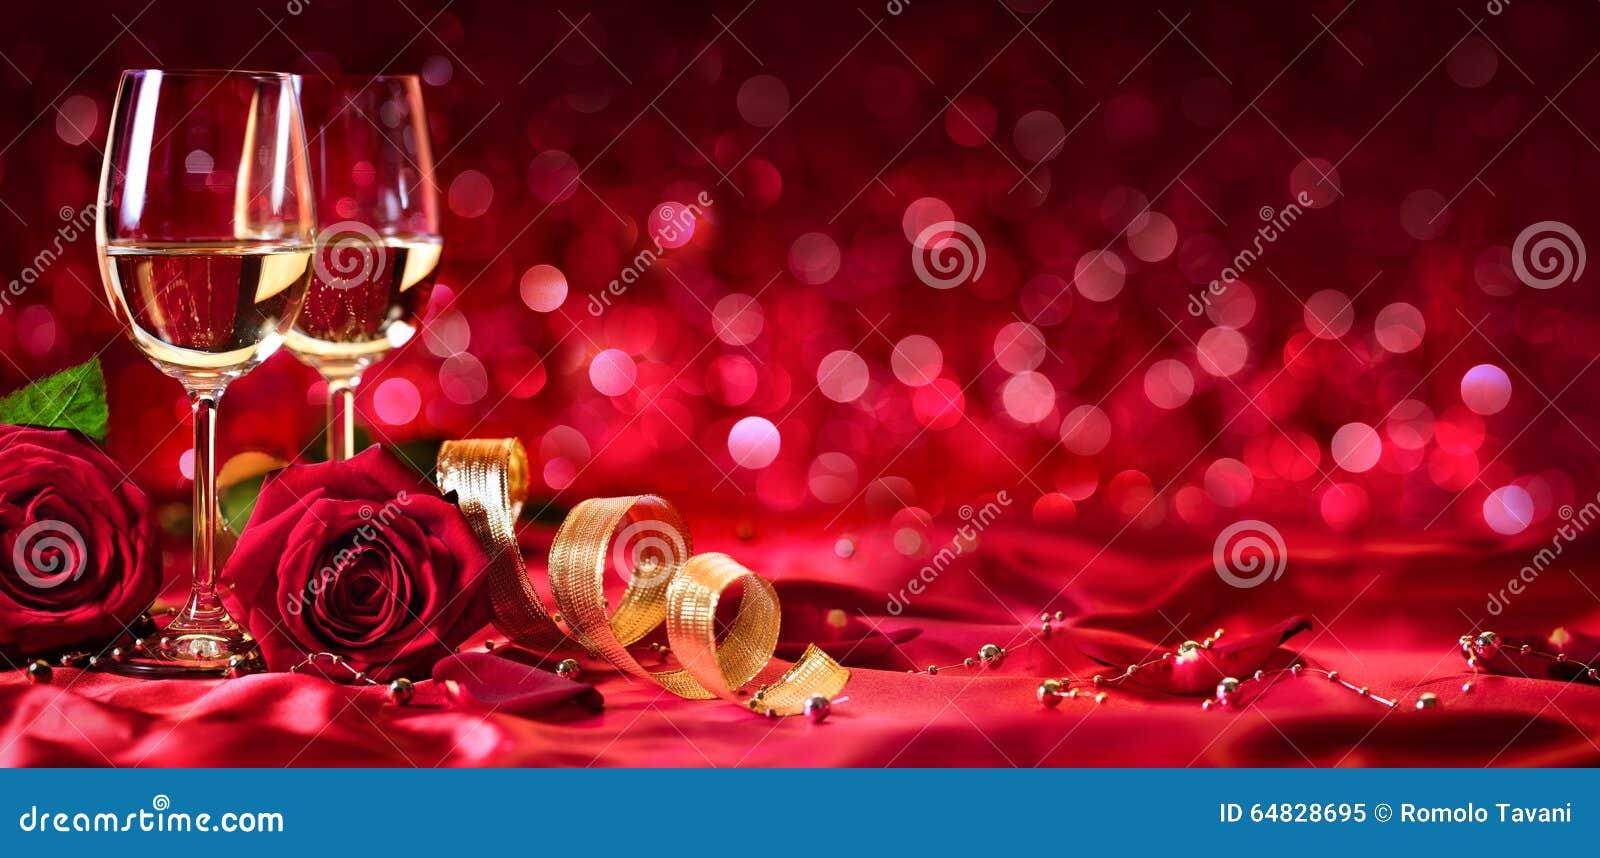 Célébration romantique de jour de valentines